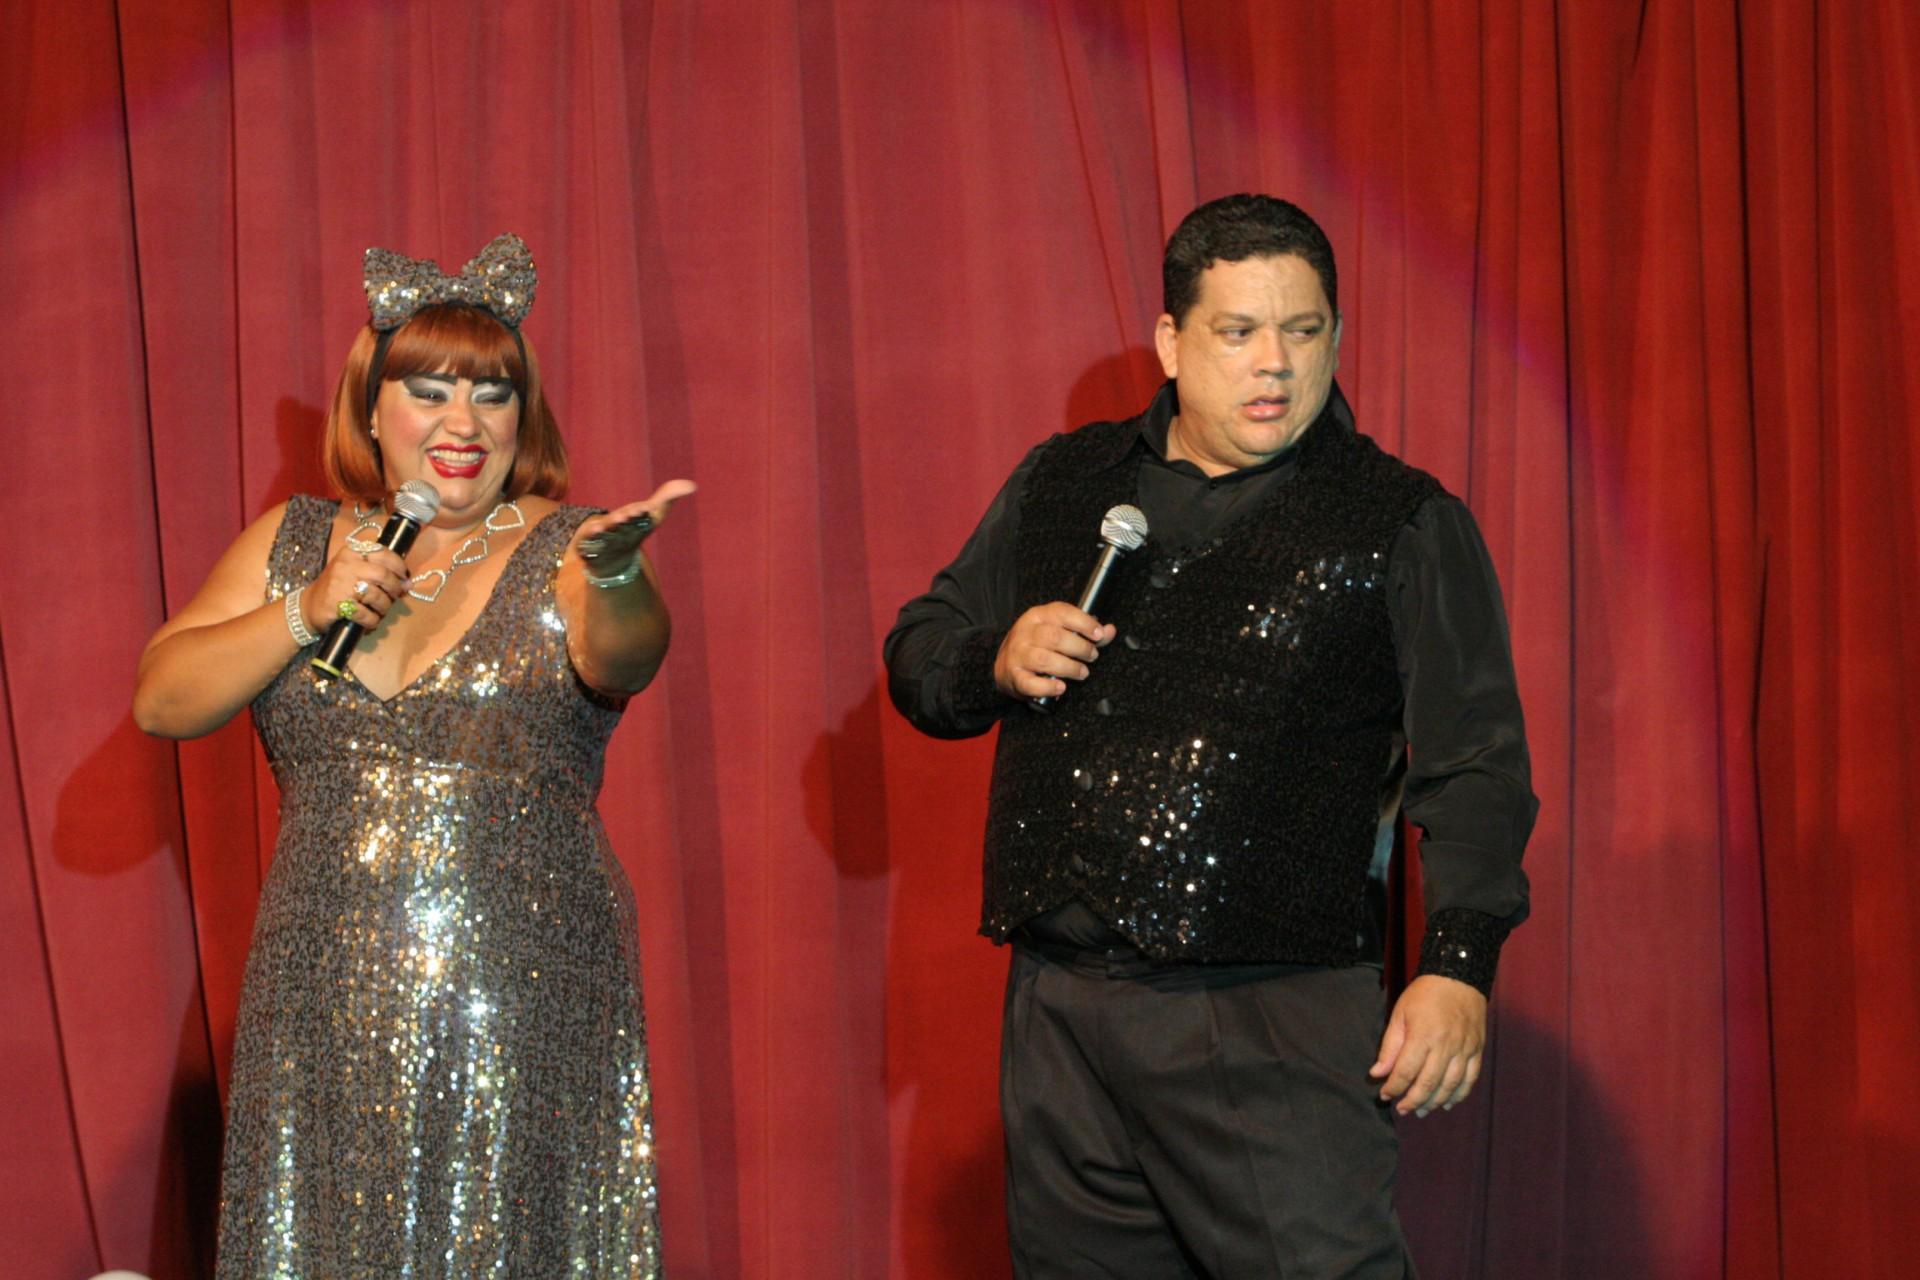 Show de Rossicléa e Lailtinho Brega na Lupus Bier no ano de 2006